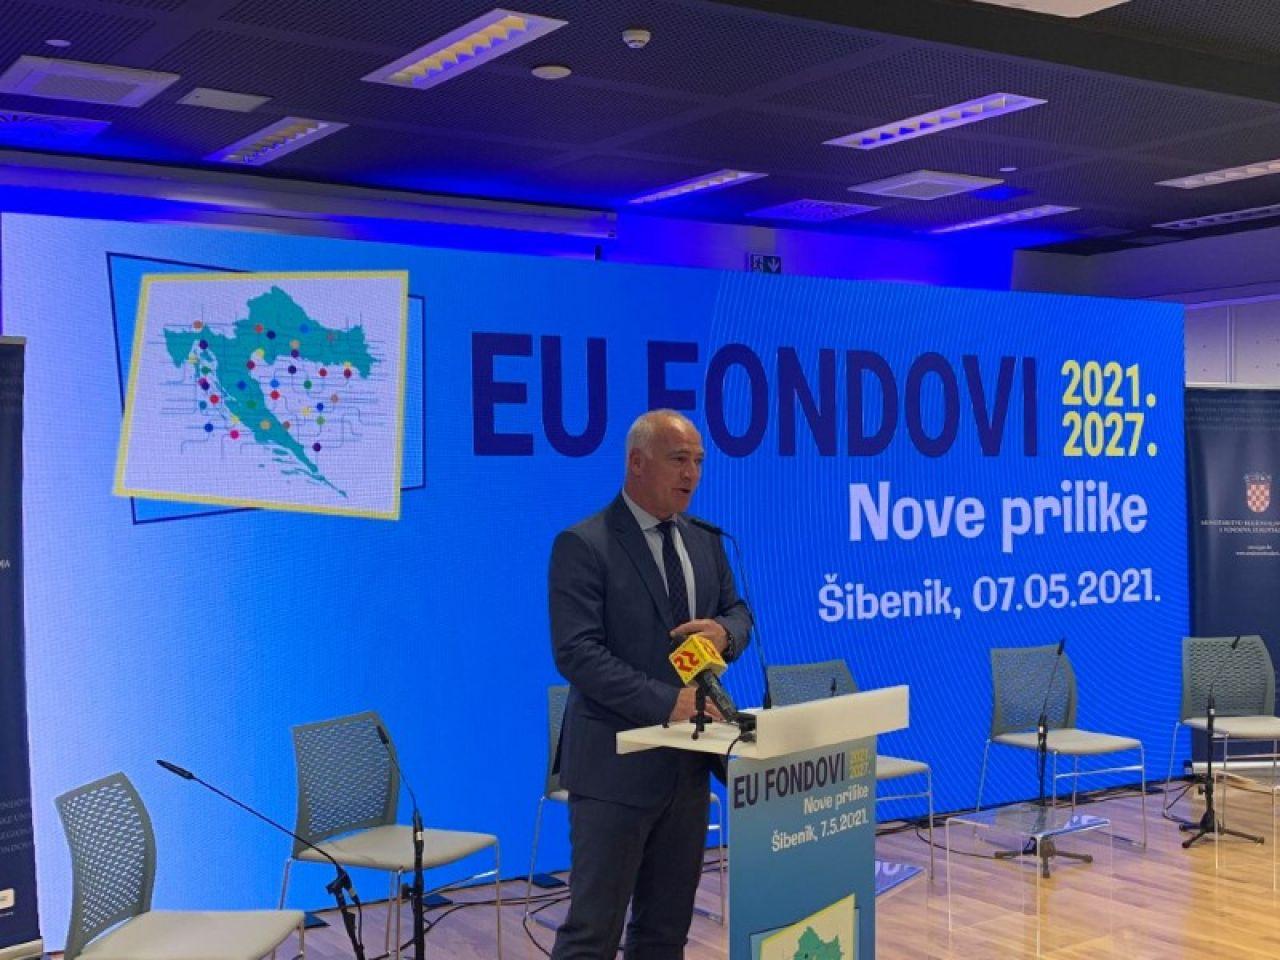 """Održano informativno-edukativno događanje """"EU fondovi 2021.-2027. - Nove prilike"""""""